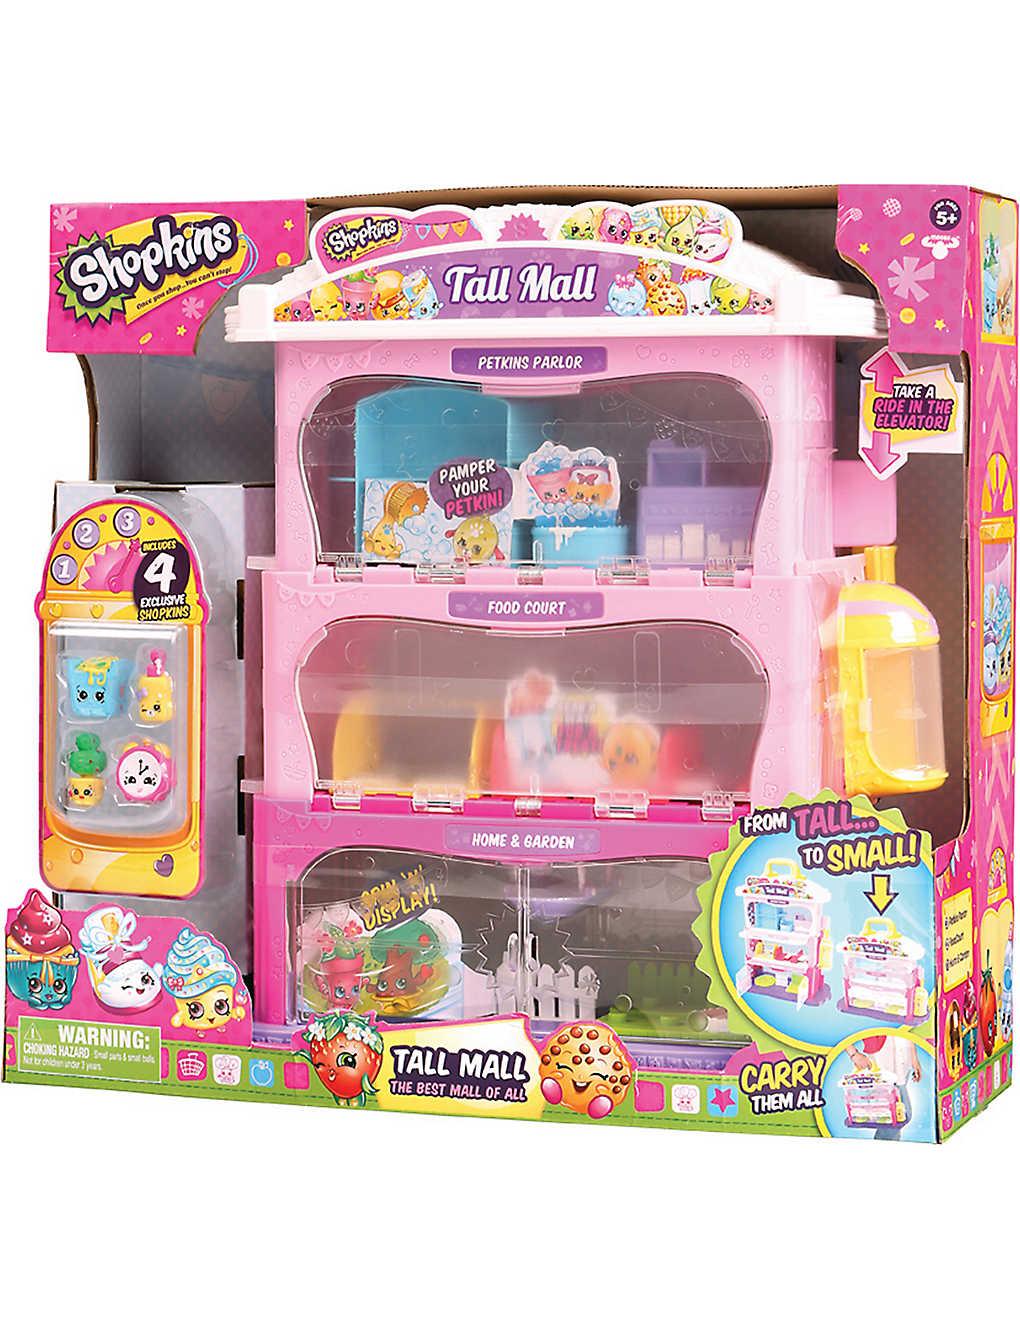 Spielzeug Shopkins Tall Mall Playset Triadecont Com Br